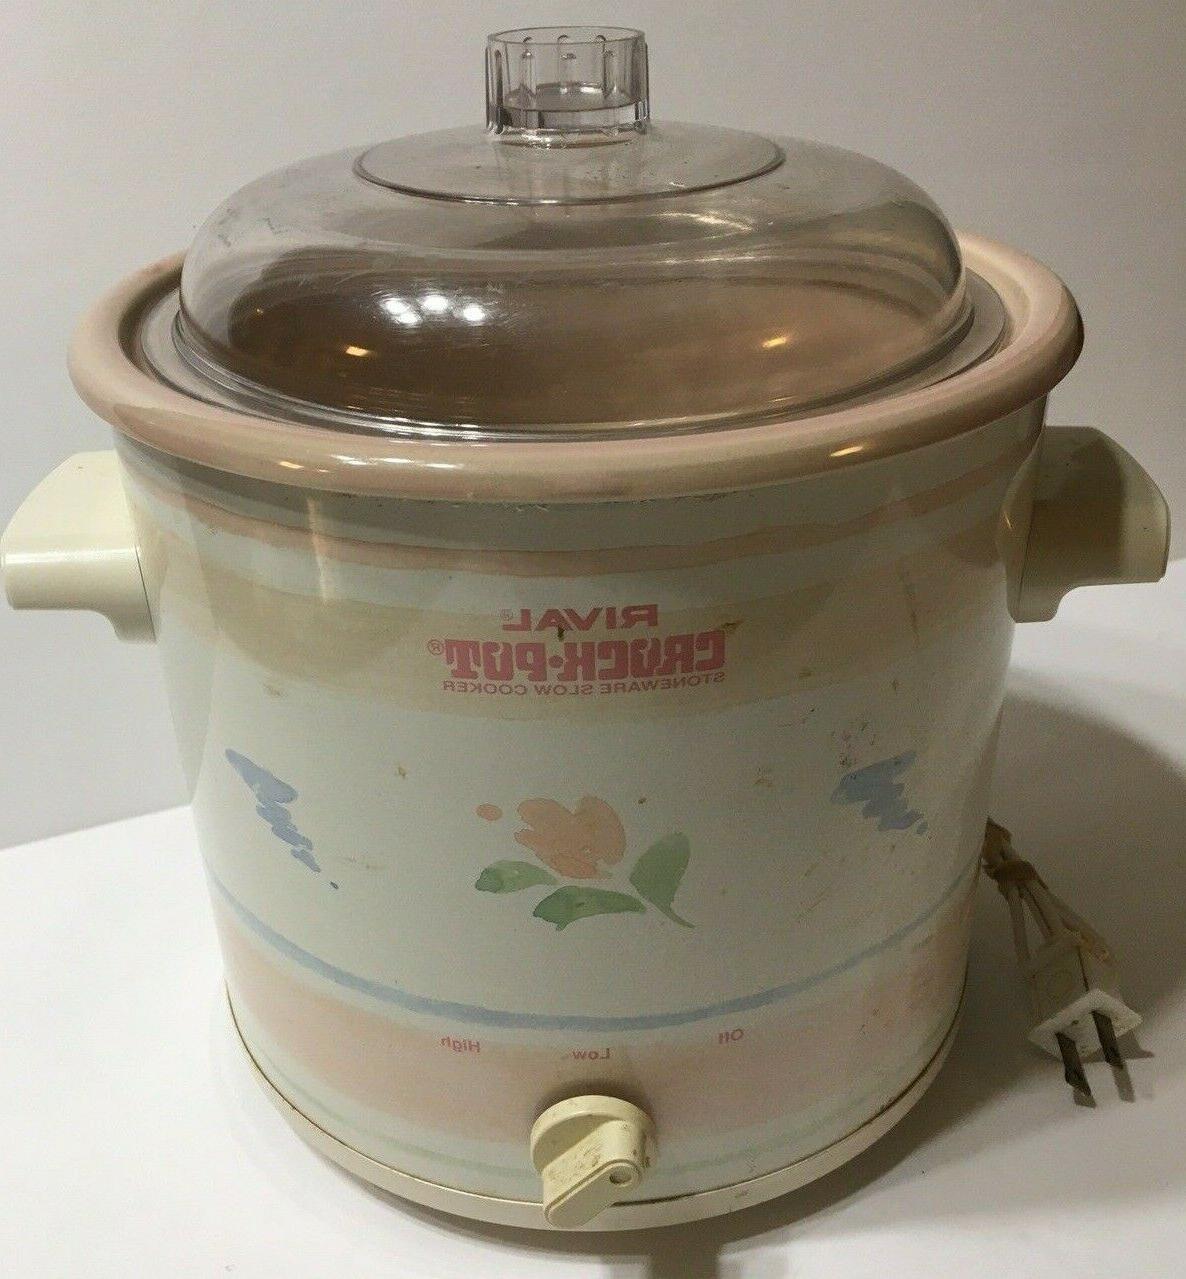 Vintage RIVAL Pot Stoneware 3100/2 3.5